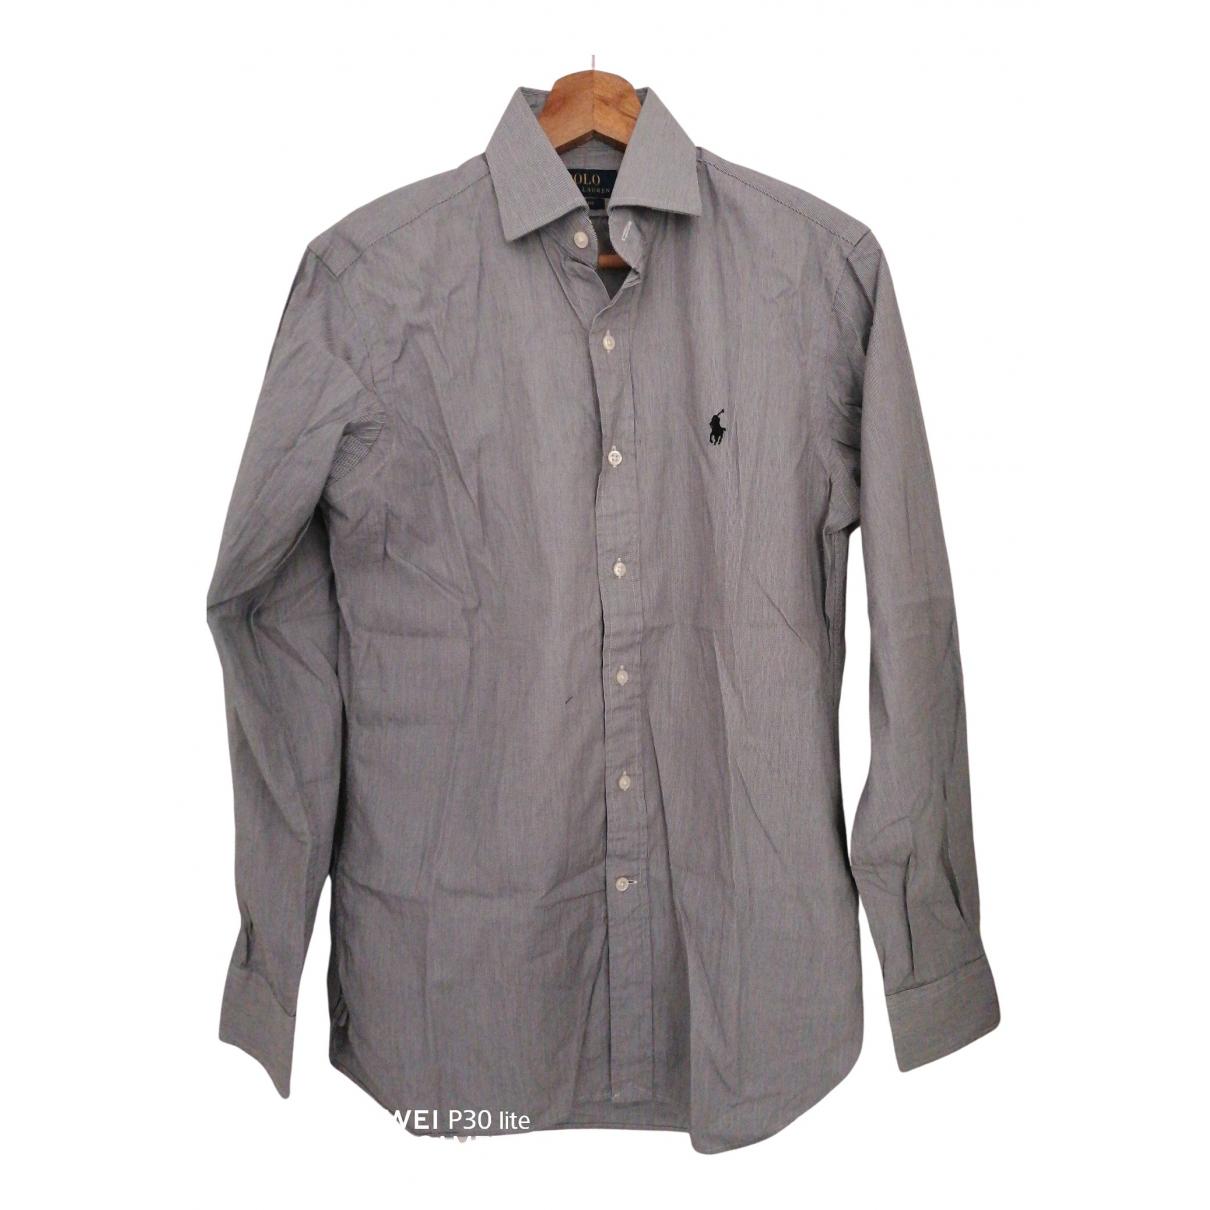 Polo Ralph Lauren Polo cintré manches longues Grey Cotton Shirts for Men M International